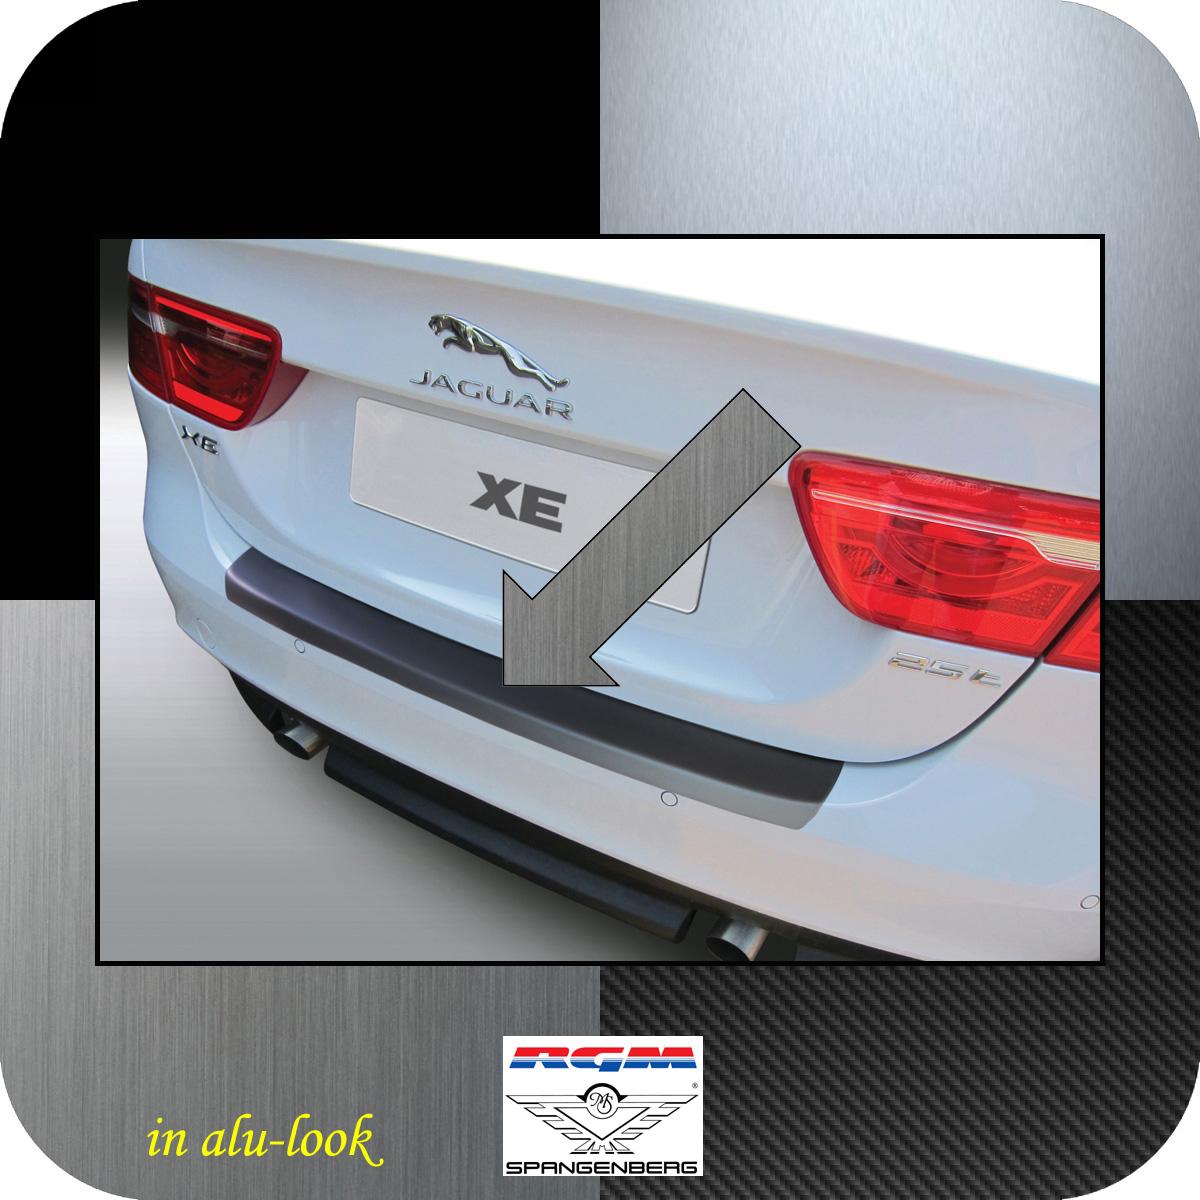 Ladekantenschutz Alu-Look Jaguar XE Limousine 4-Türer X760 ab 2015- 3504891